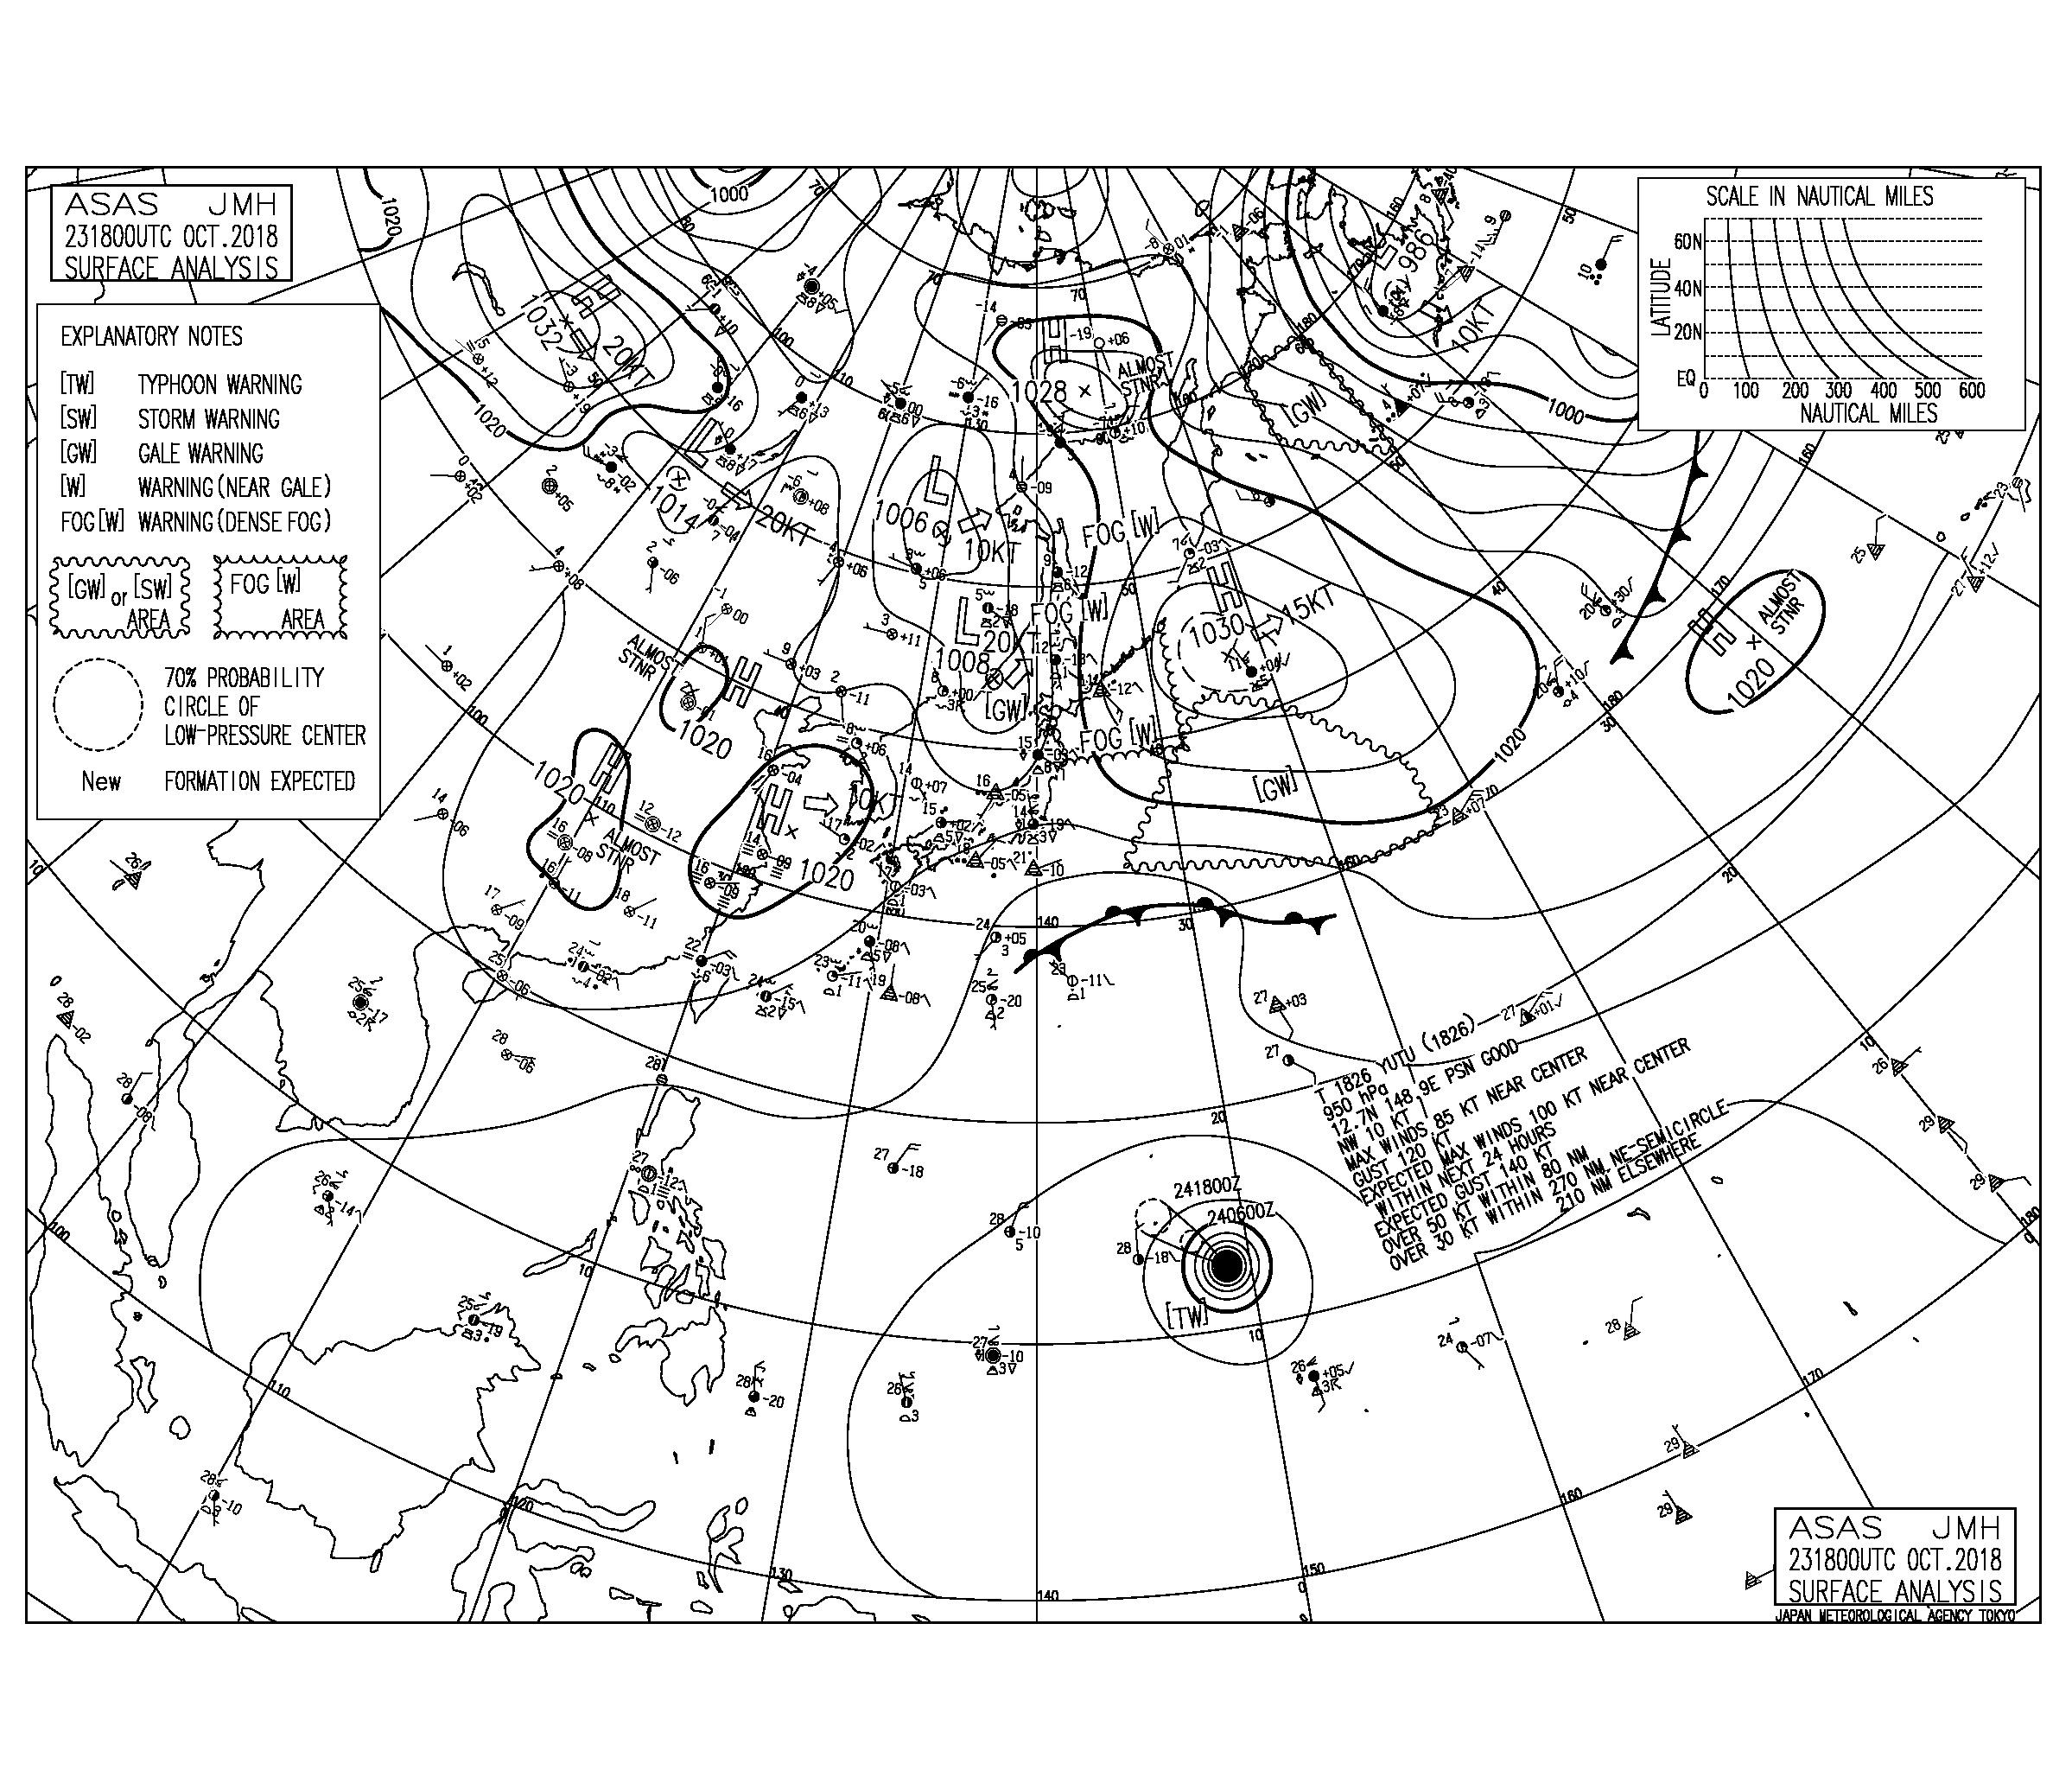 10/24 気圧配置と波情報~今日も東うねりで千葉は十分なサイズ、週末は台風26号のうねりが期待できそう!